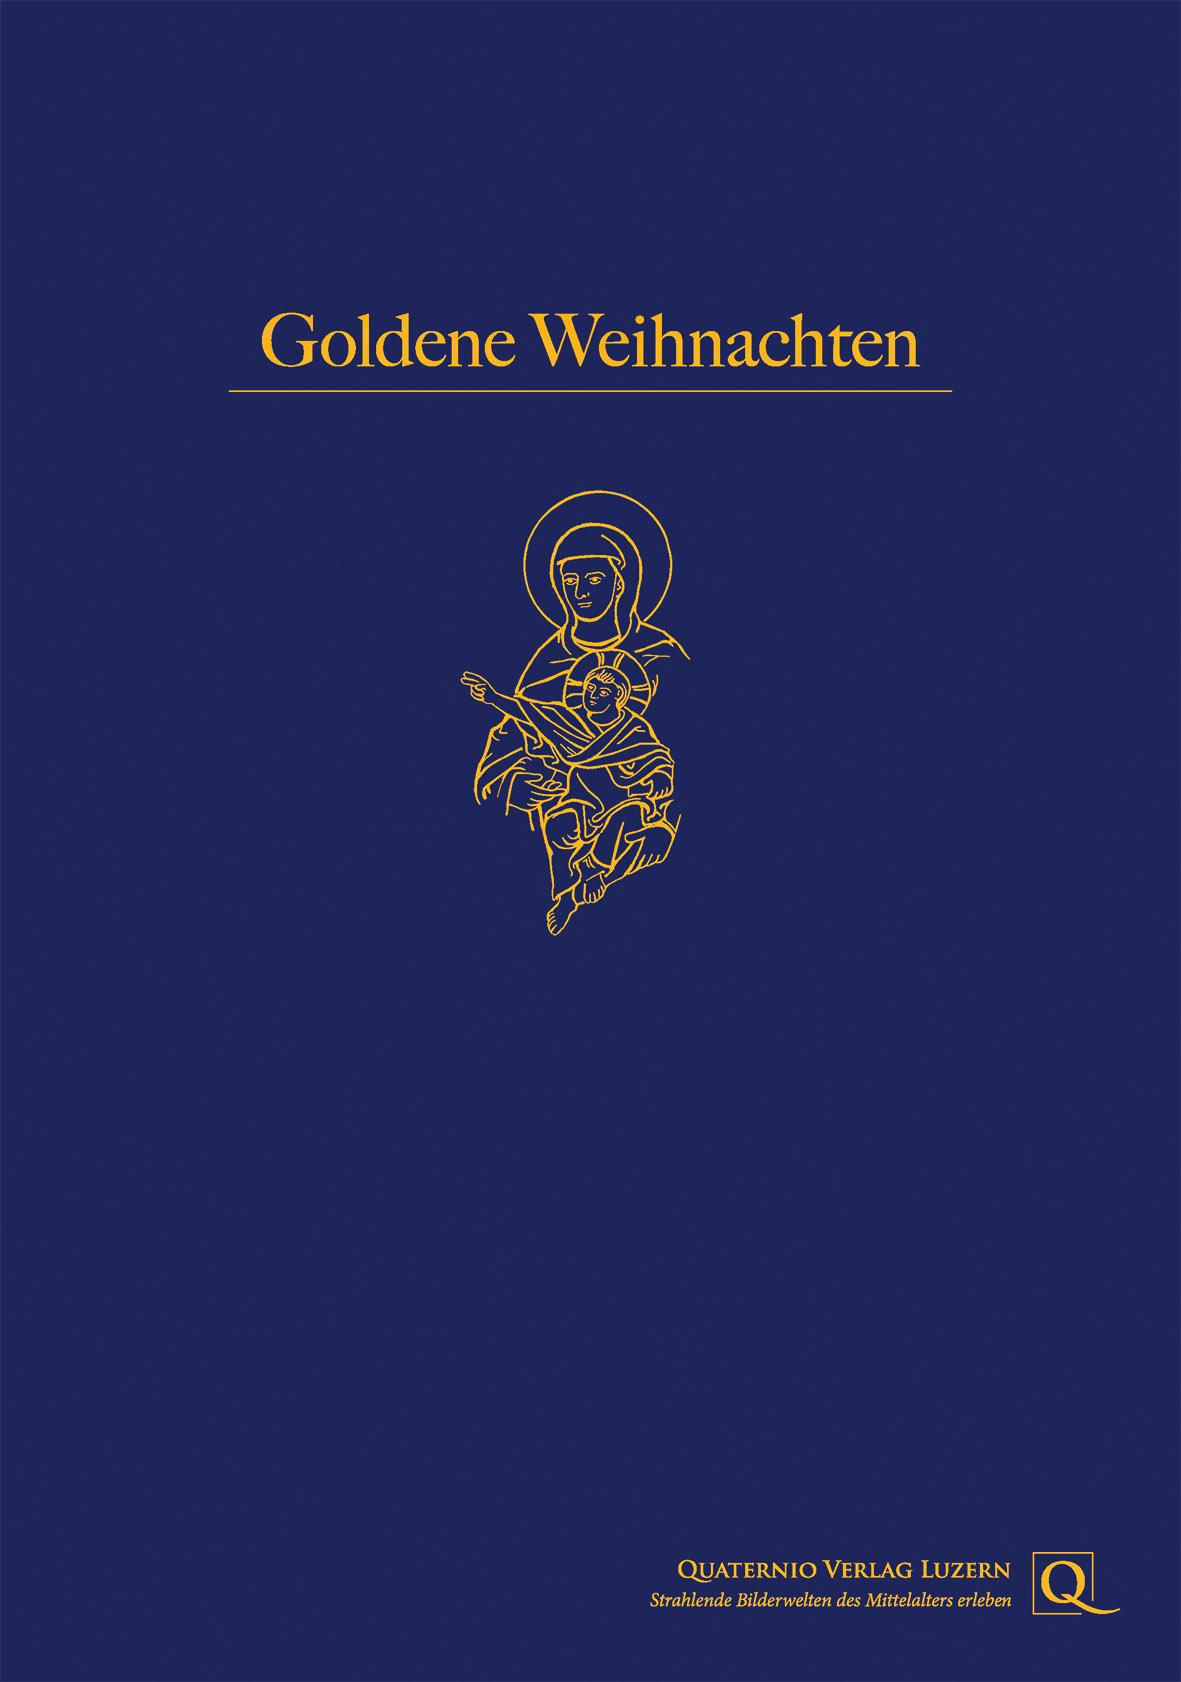 Weihnachtsmappe aus dem Quaternio Verlag Luzern - Edition Buch & Kunst